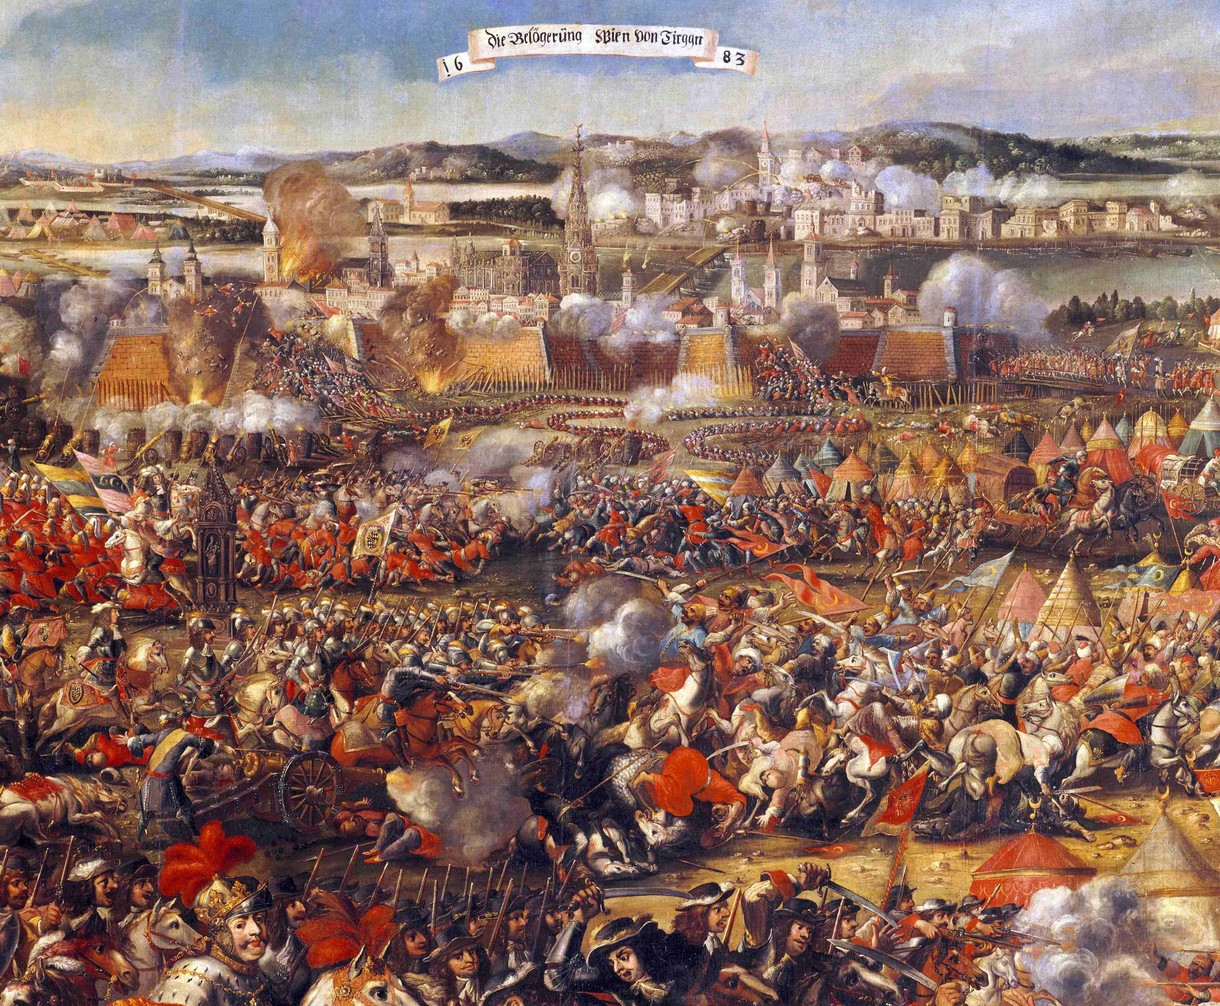 Gemälde über die Türkenbelagerung 1683.